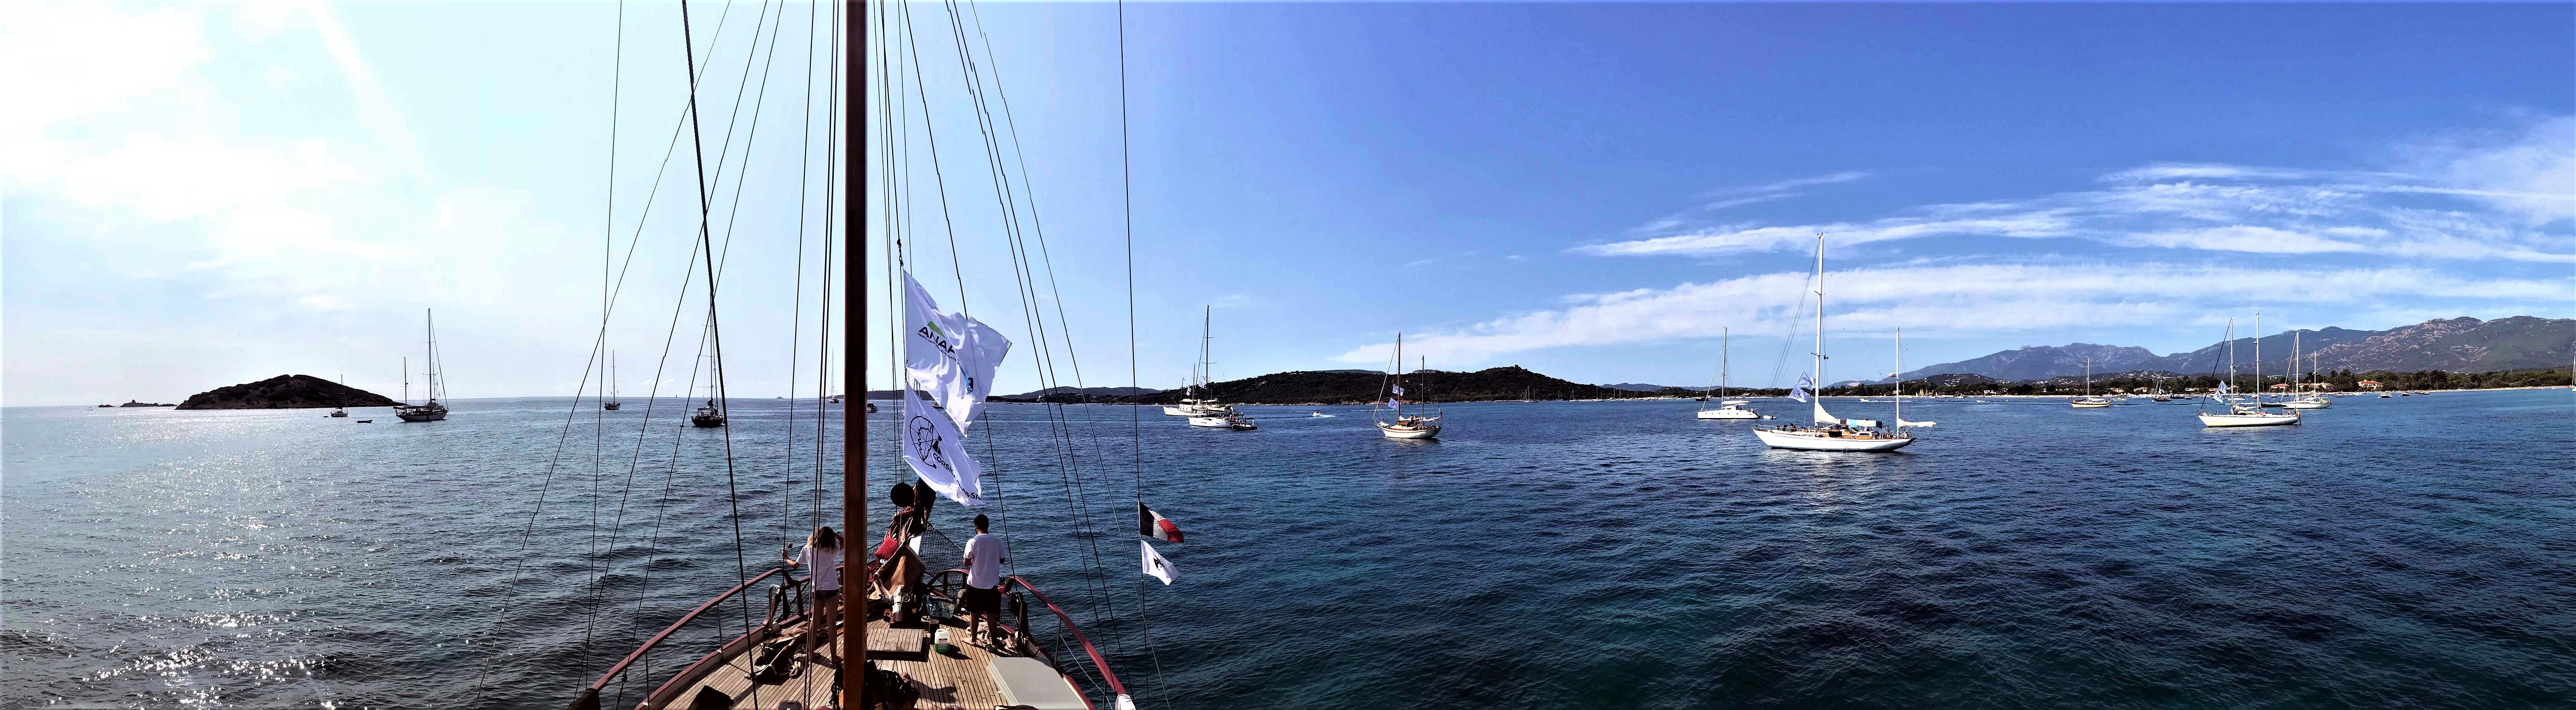 Saint-Cyprien flotte au mouillage Corsica Classic 2018 photo Thibaud Assante DR